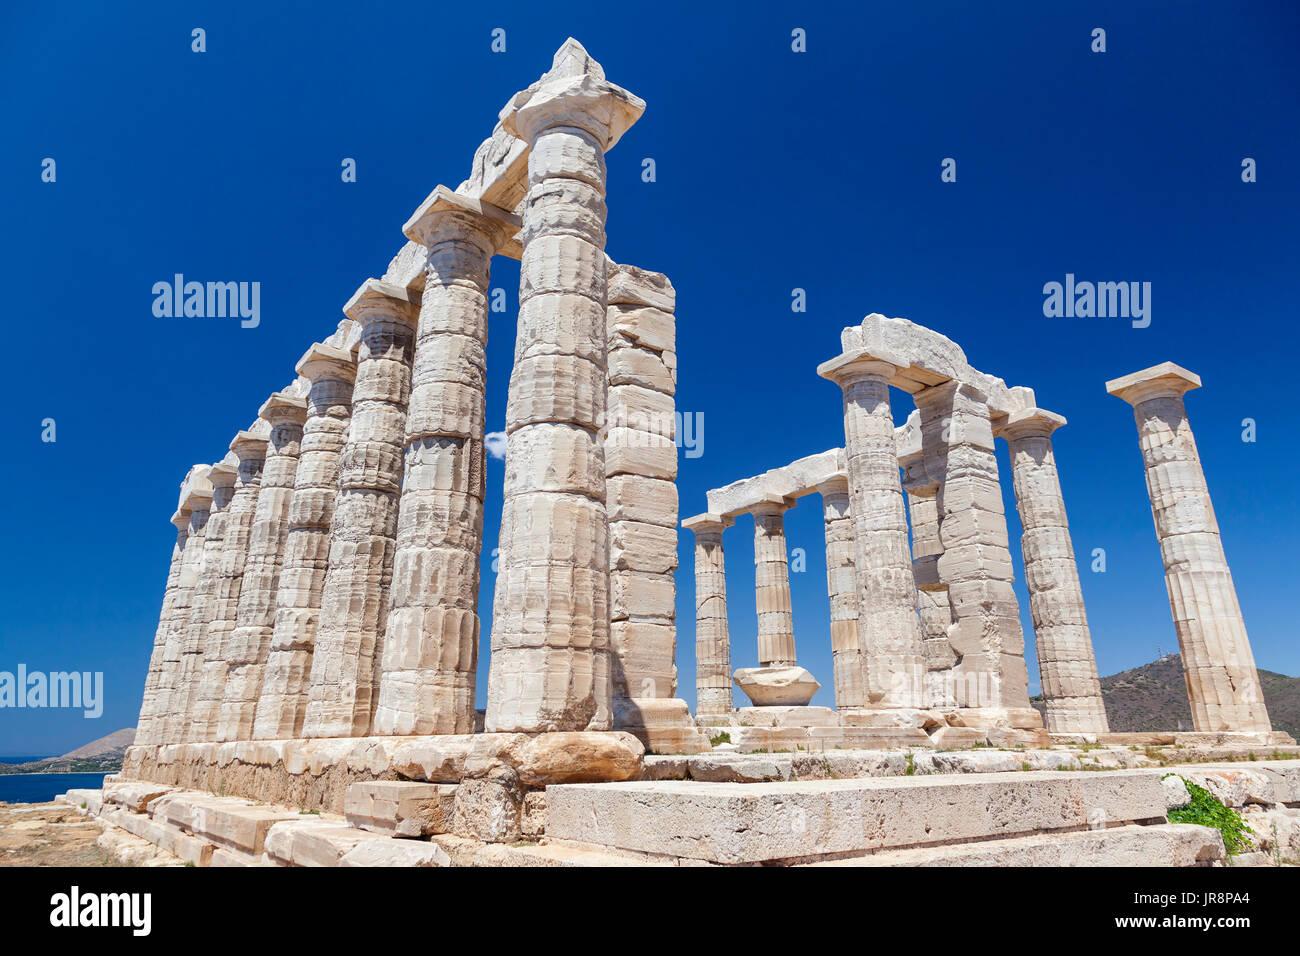 Le temple de Poséidon à Sounion, cape, sur des plus emblématiques et les plus populaires des sites archéologiques en Grèce. Photo Stock